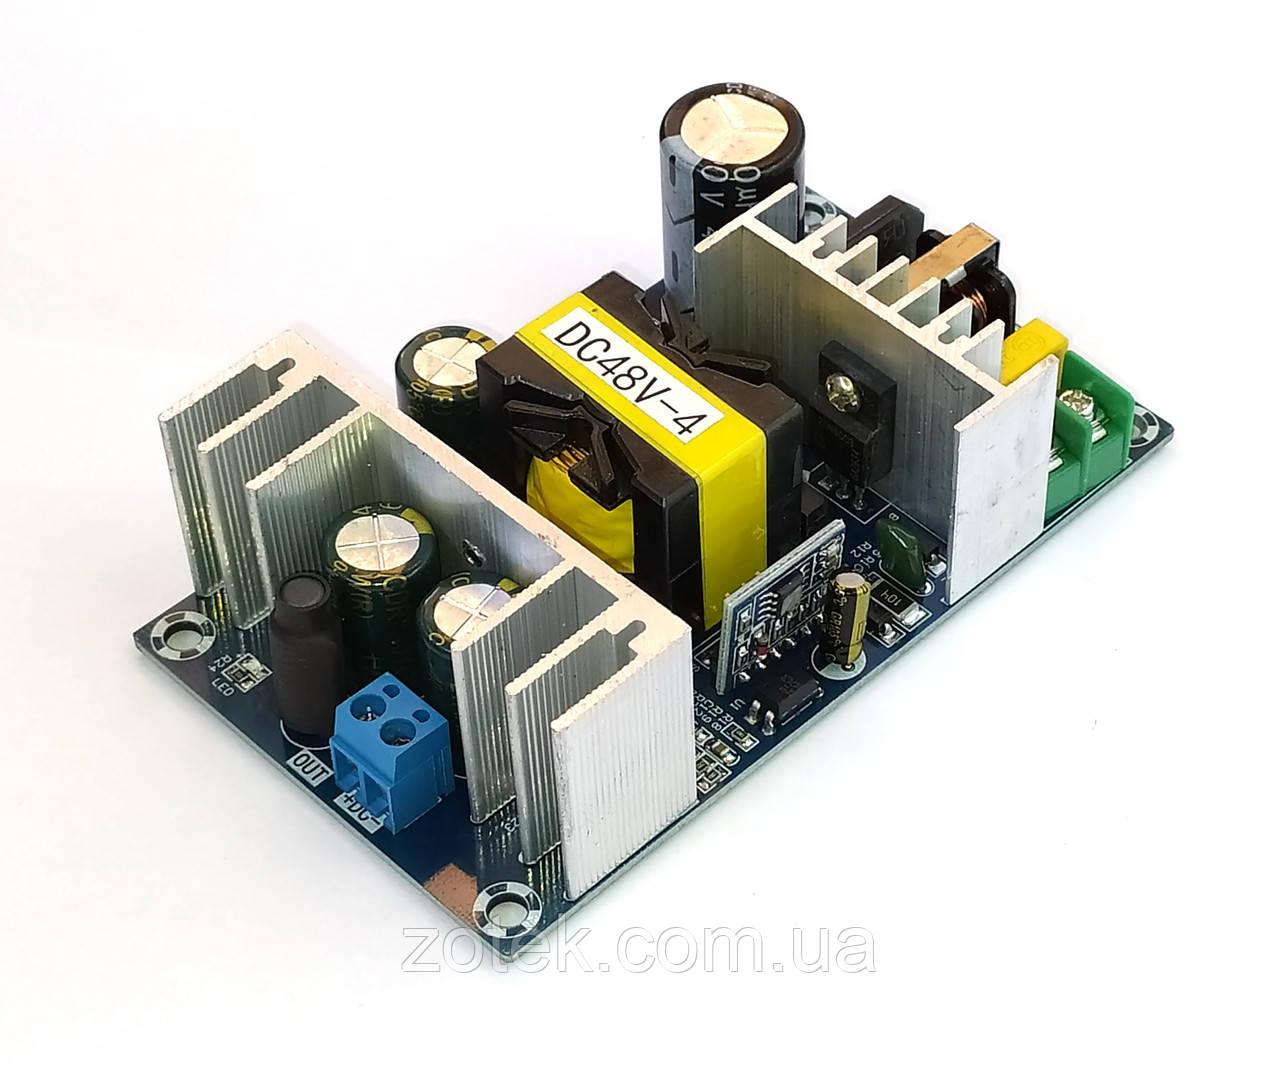 Microchip 48В 4А 5А 200 Вт Імпульсний блок живлення AC-DC 48V 4A 200W WX-DC4816